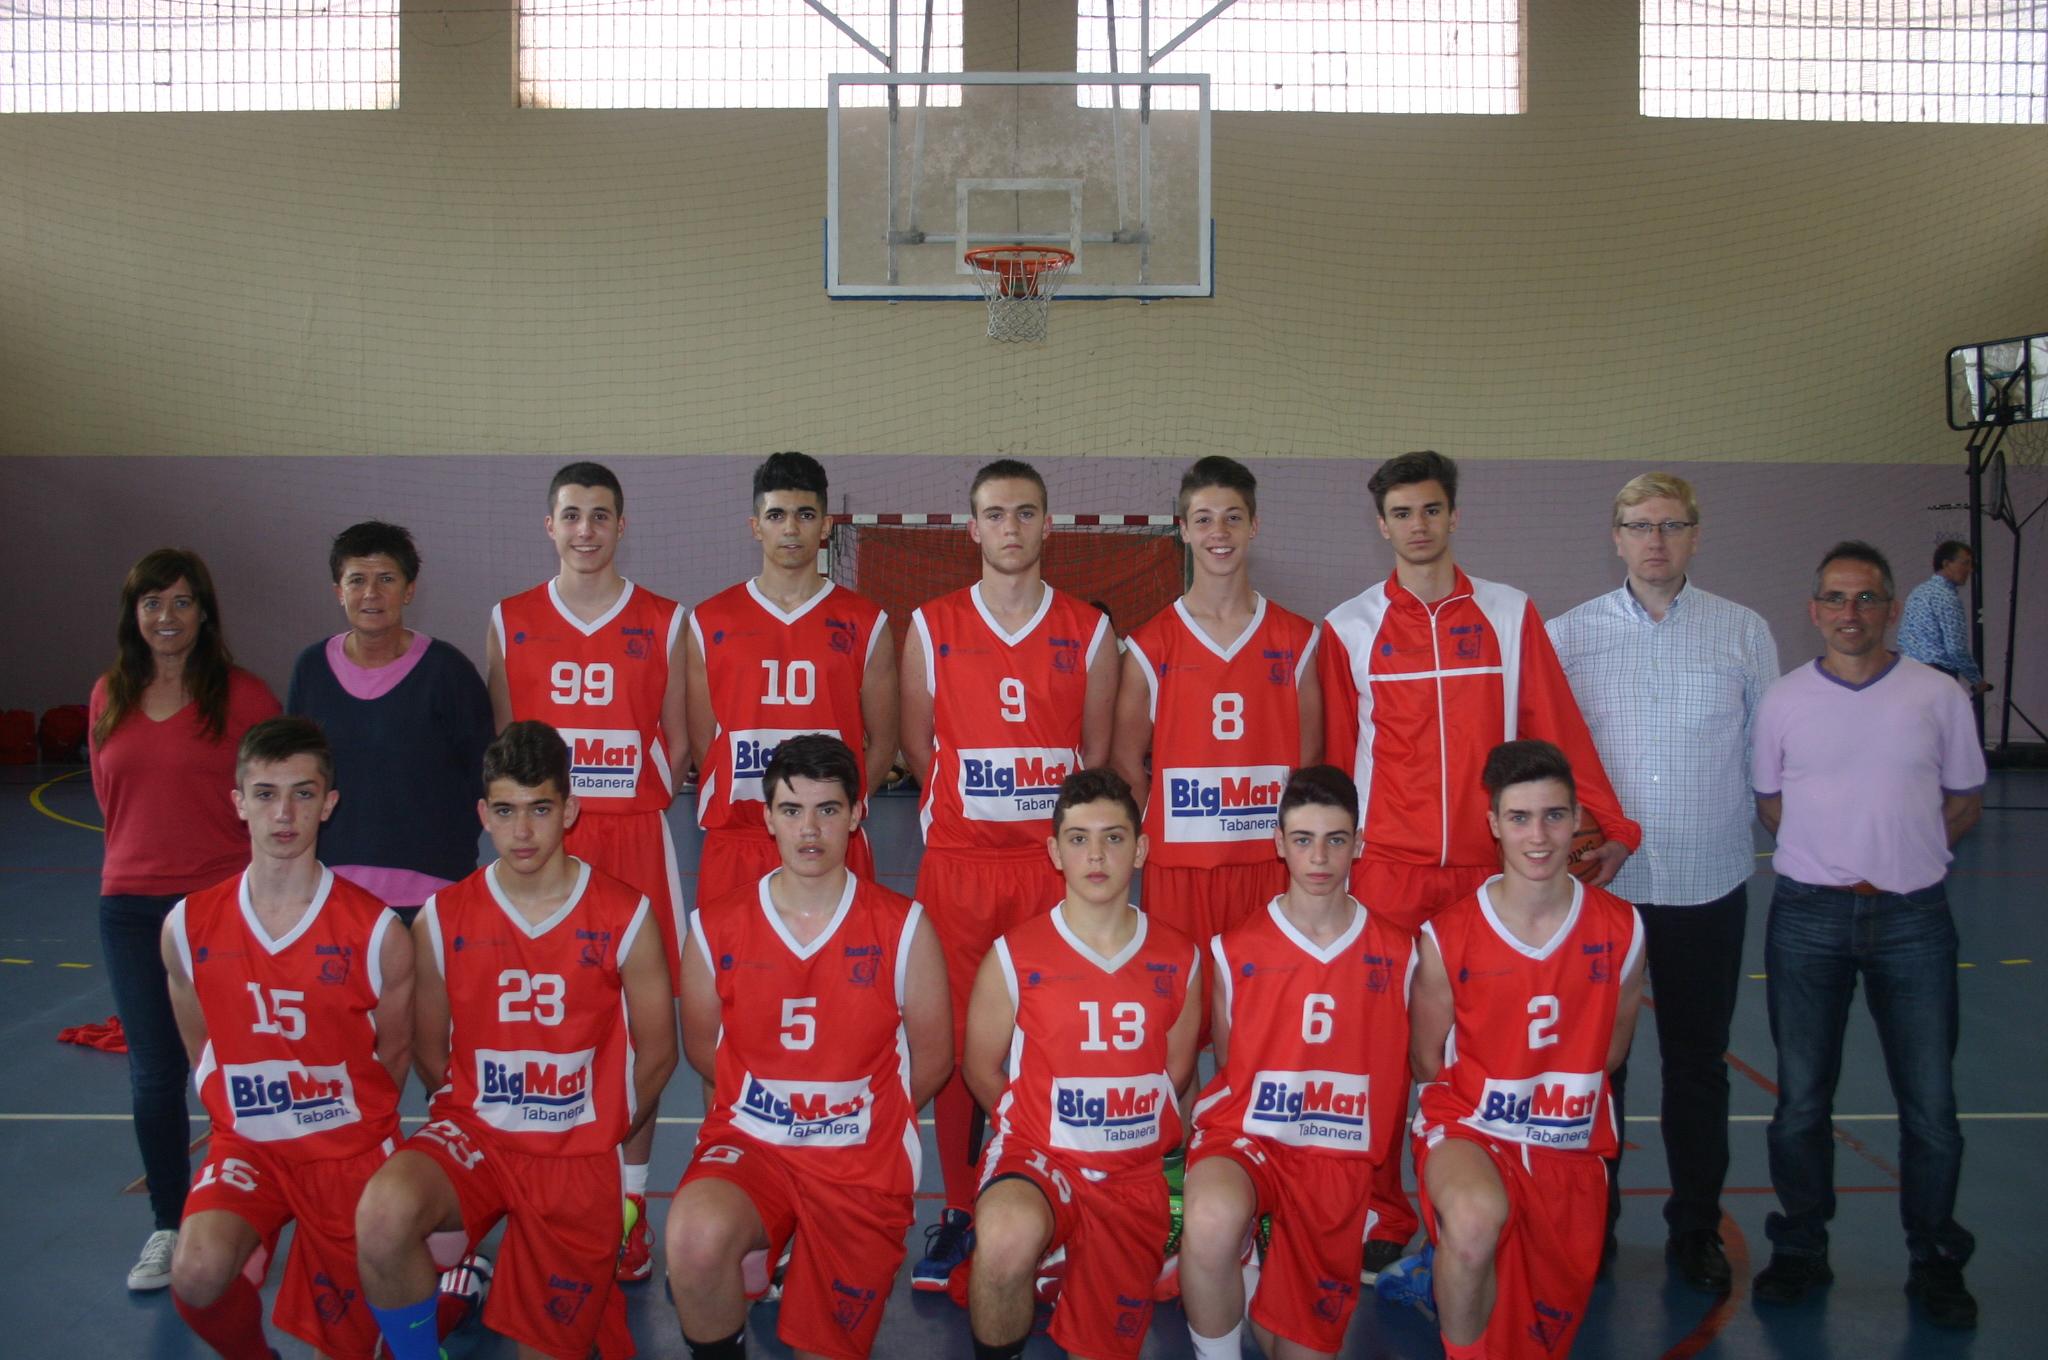 Basket 34 Bigmat Tabanera se proclama campeón de la Segunda División Autonómica Cadete Masculina